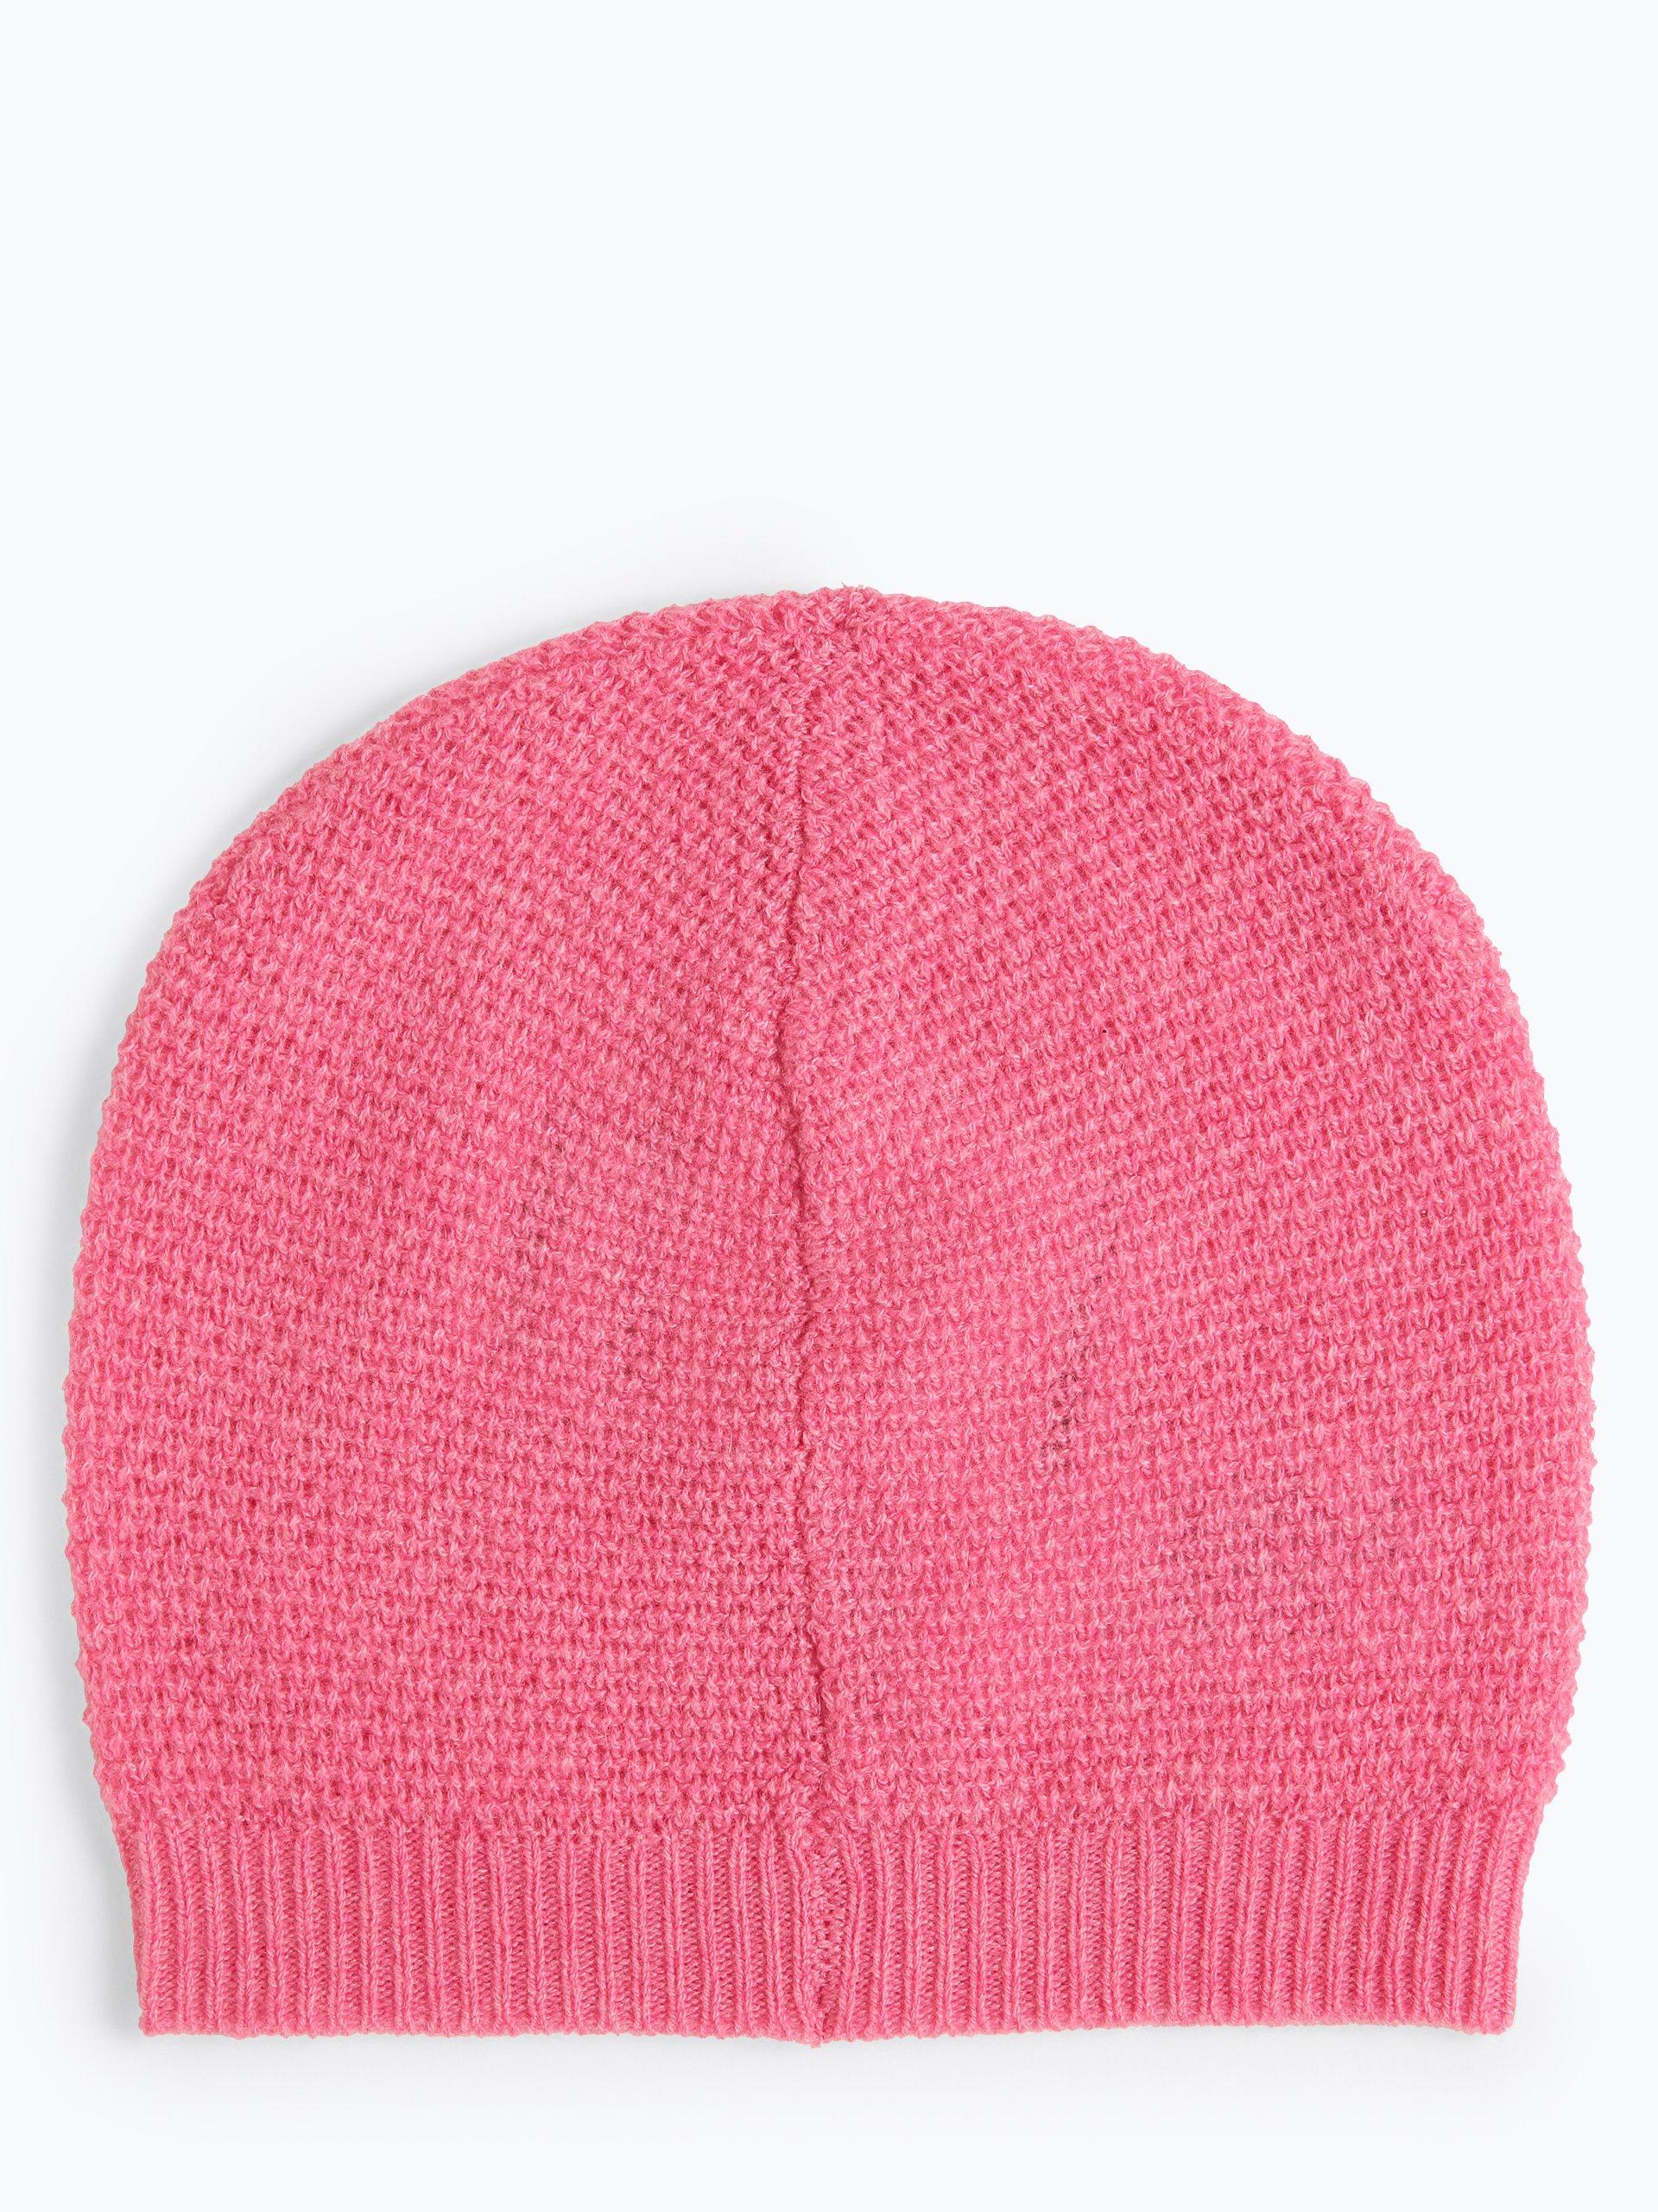 Marie Lund Damska czapka z czystego kaszmiru